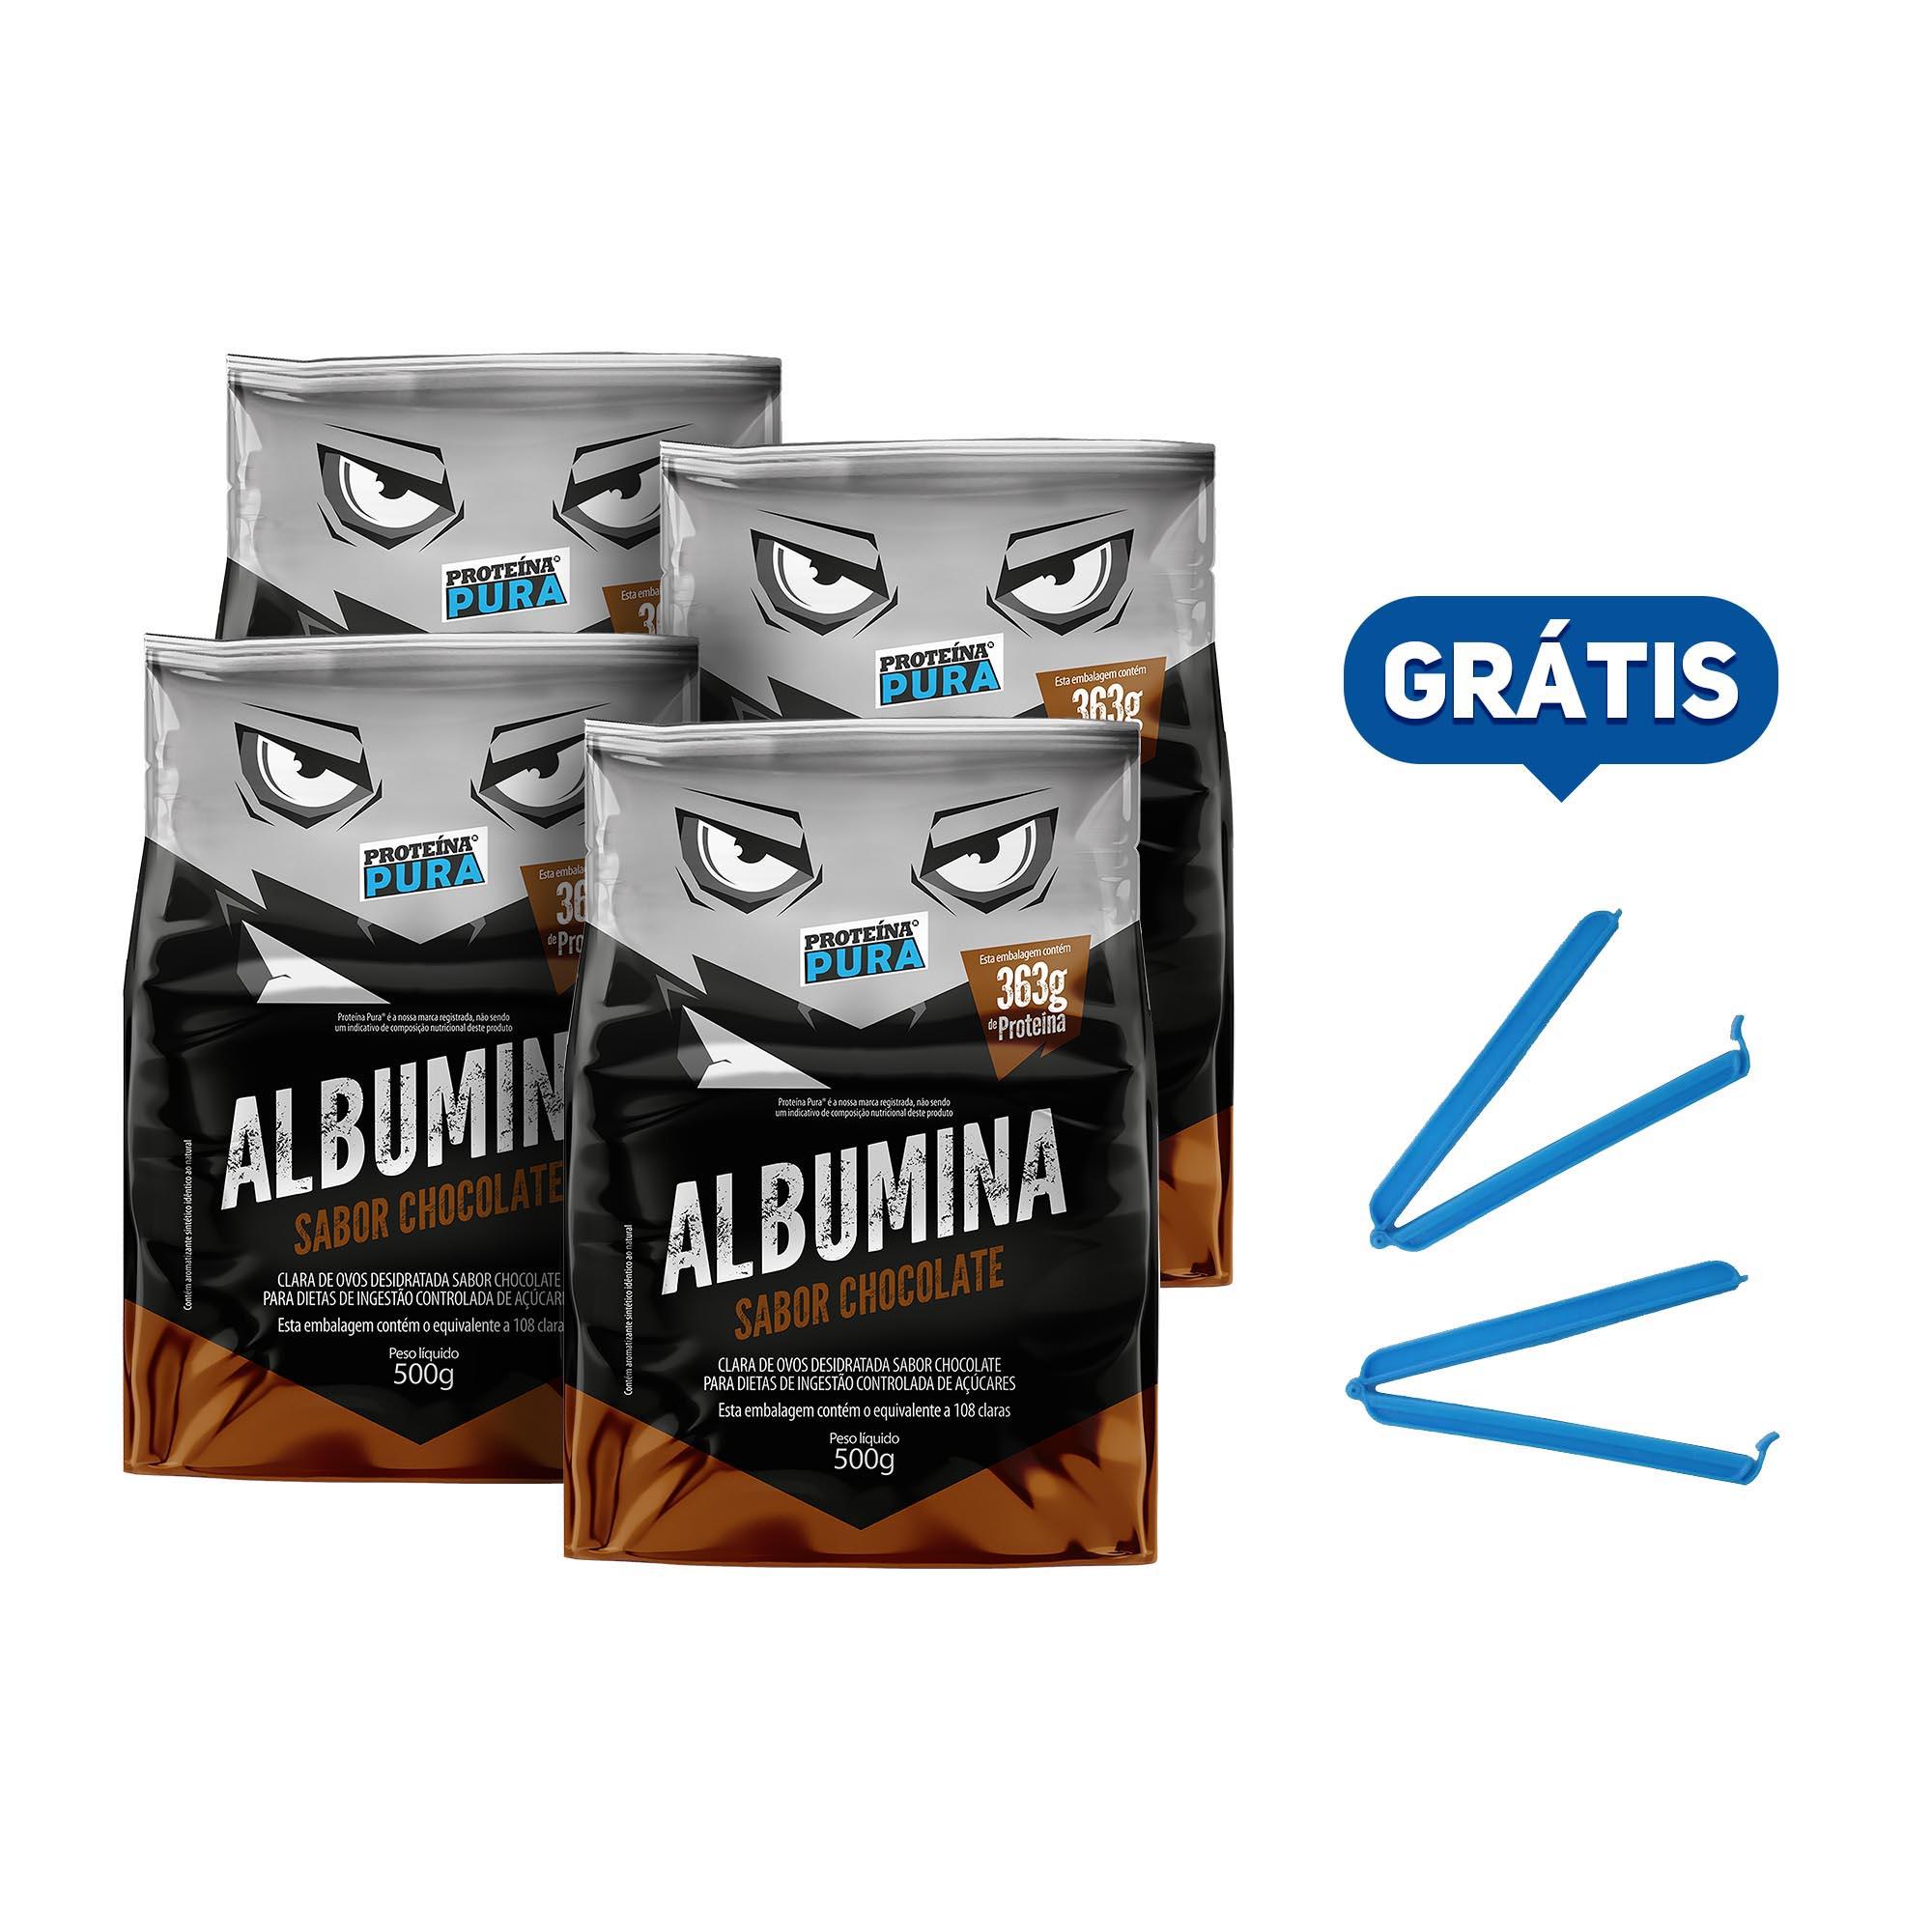 Kit Albumina Chocolate - (4 un x 500g) - Proteína Pura